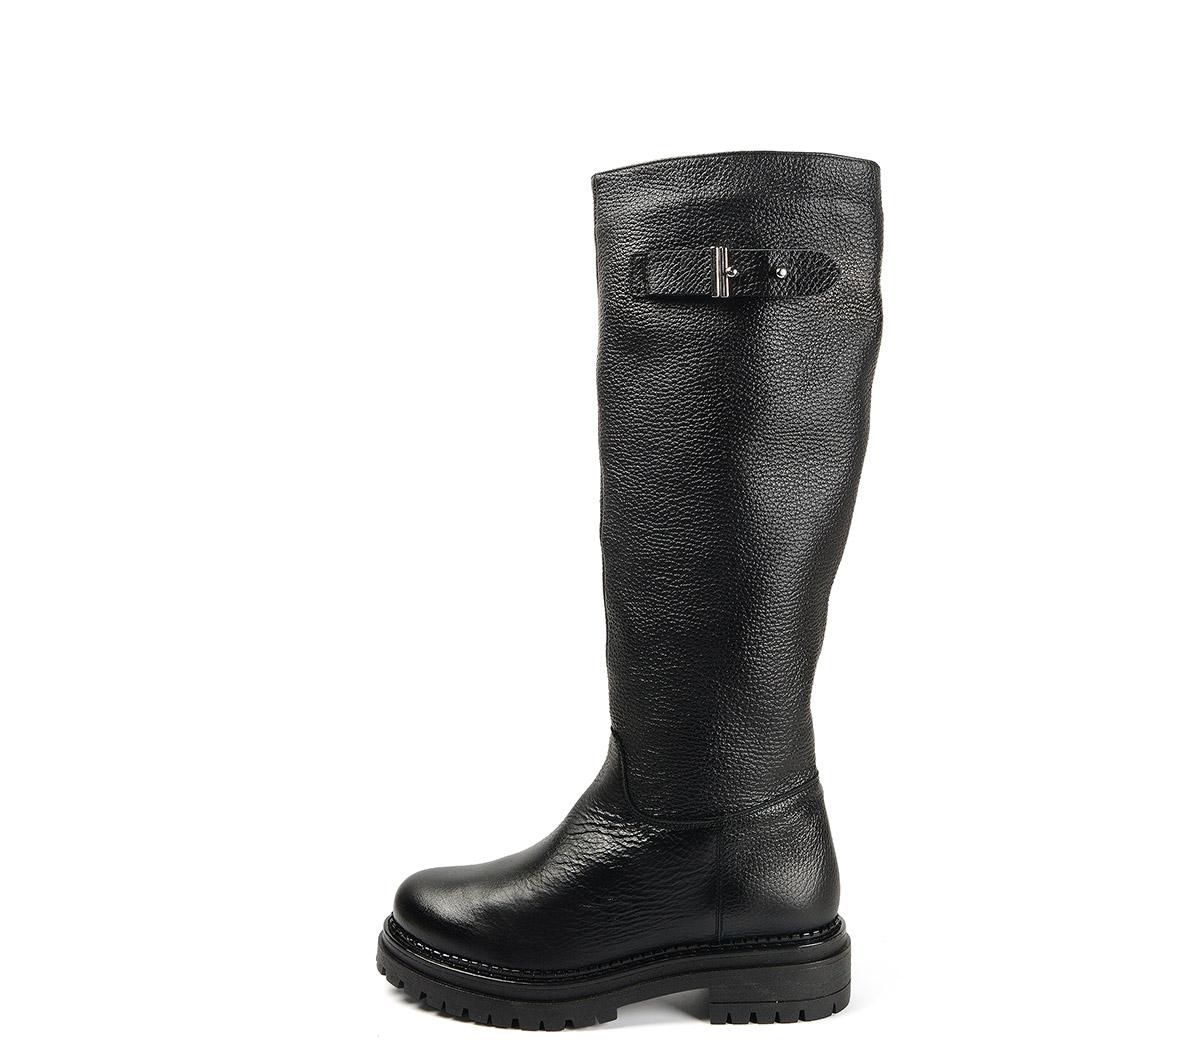 Ref. 4100 Bota piel negro con detalle metálico lateral. Suela dentada. Altura tacón 4 cm y plataforma delantera 2.5 cm. Caña de 40 cm.